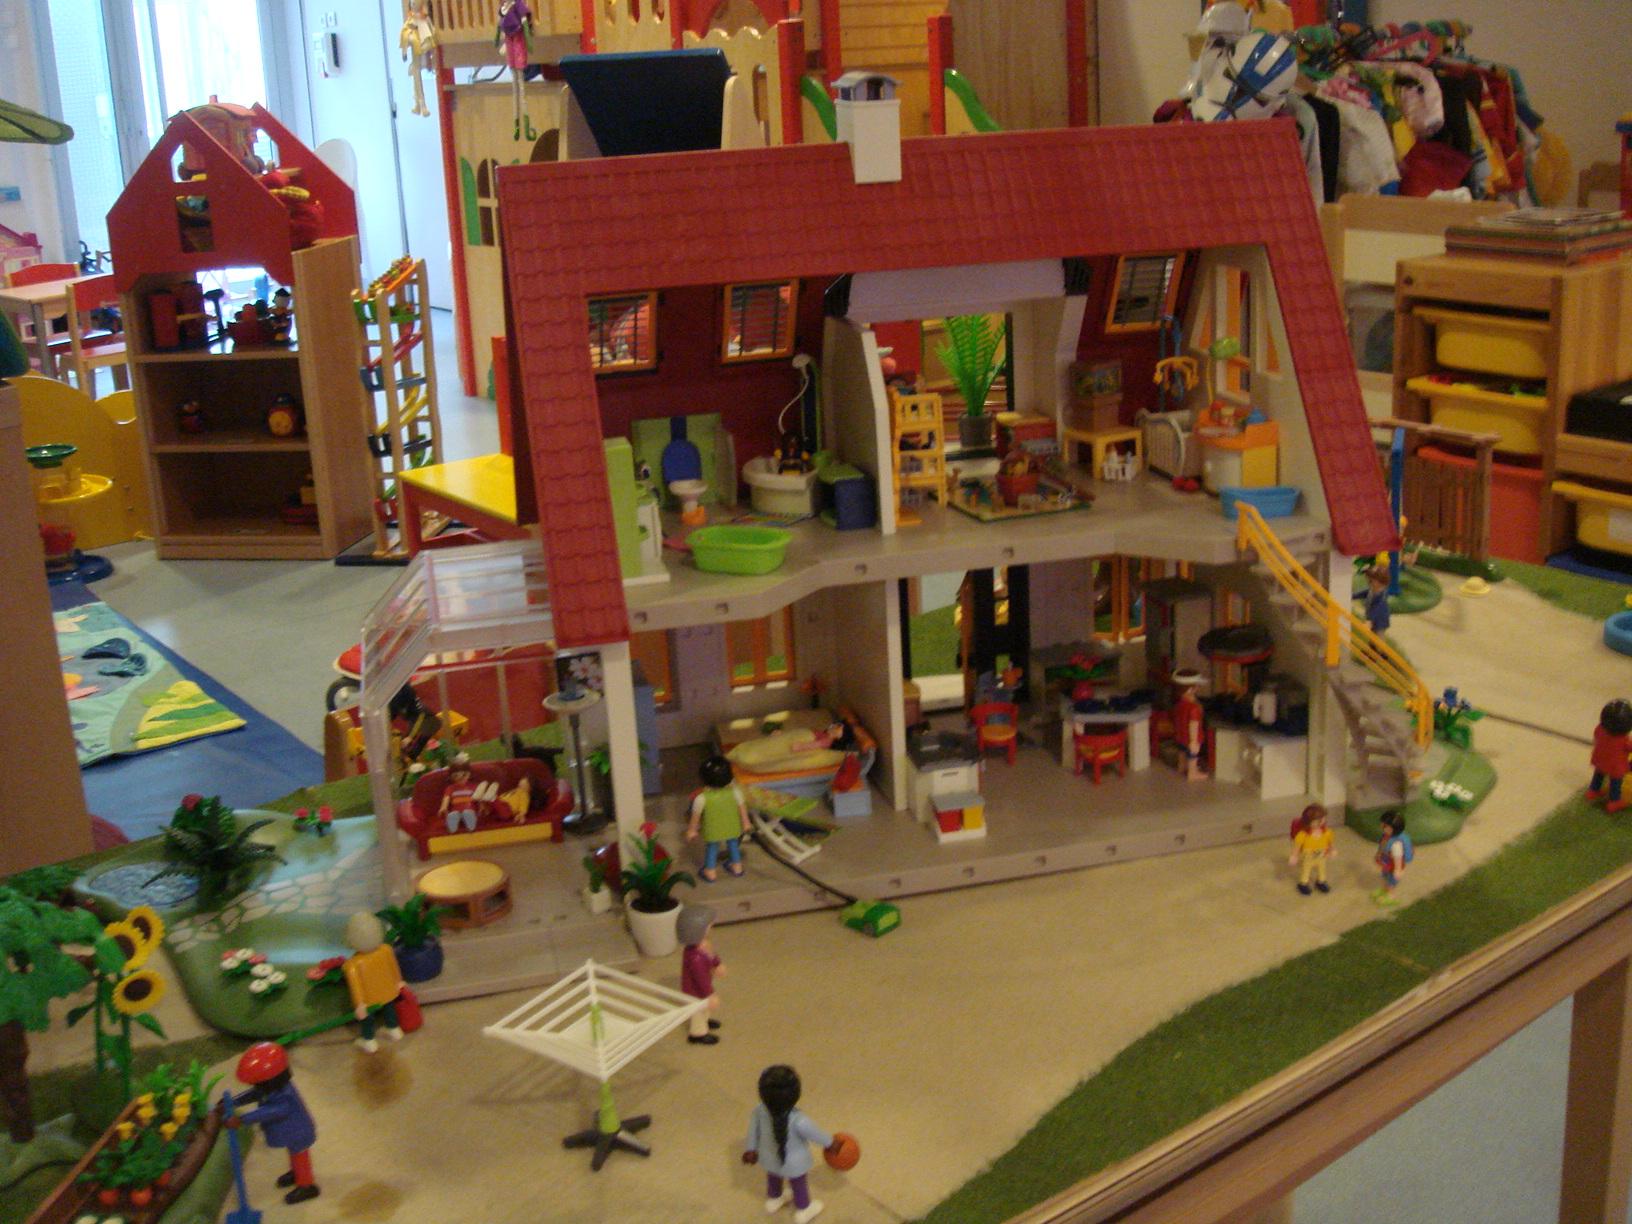 Comment construire une maison playmobil en kapla ventana blog - Construire une maison playmobil ...